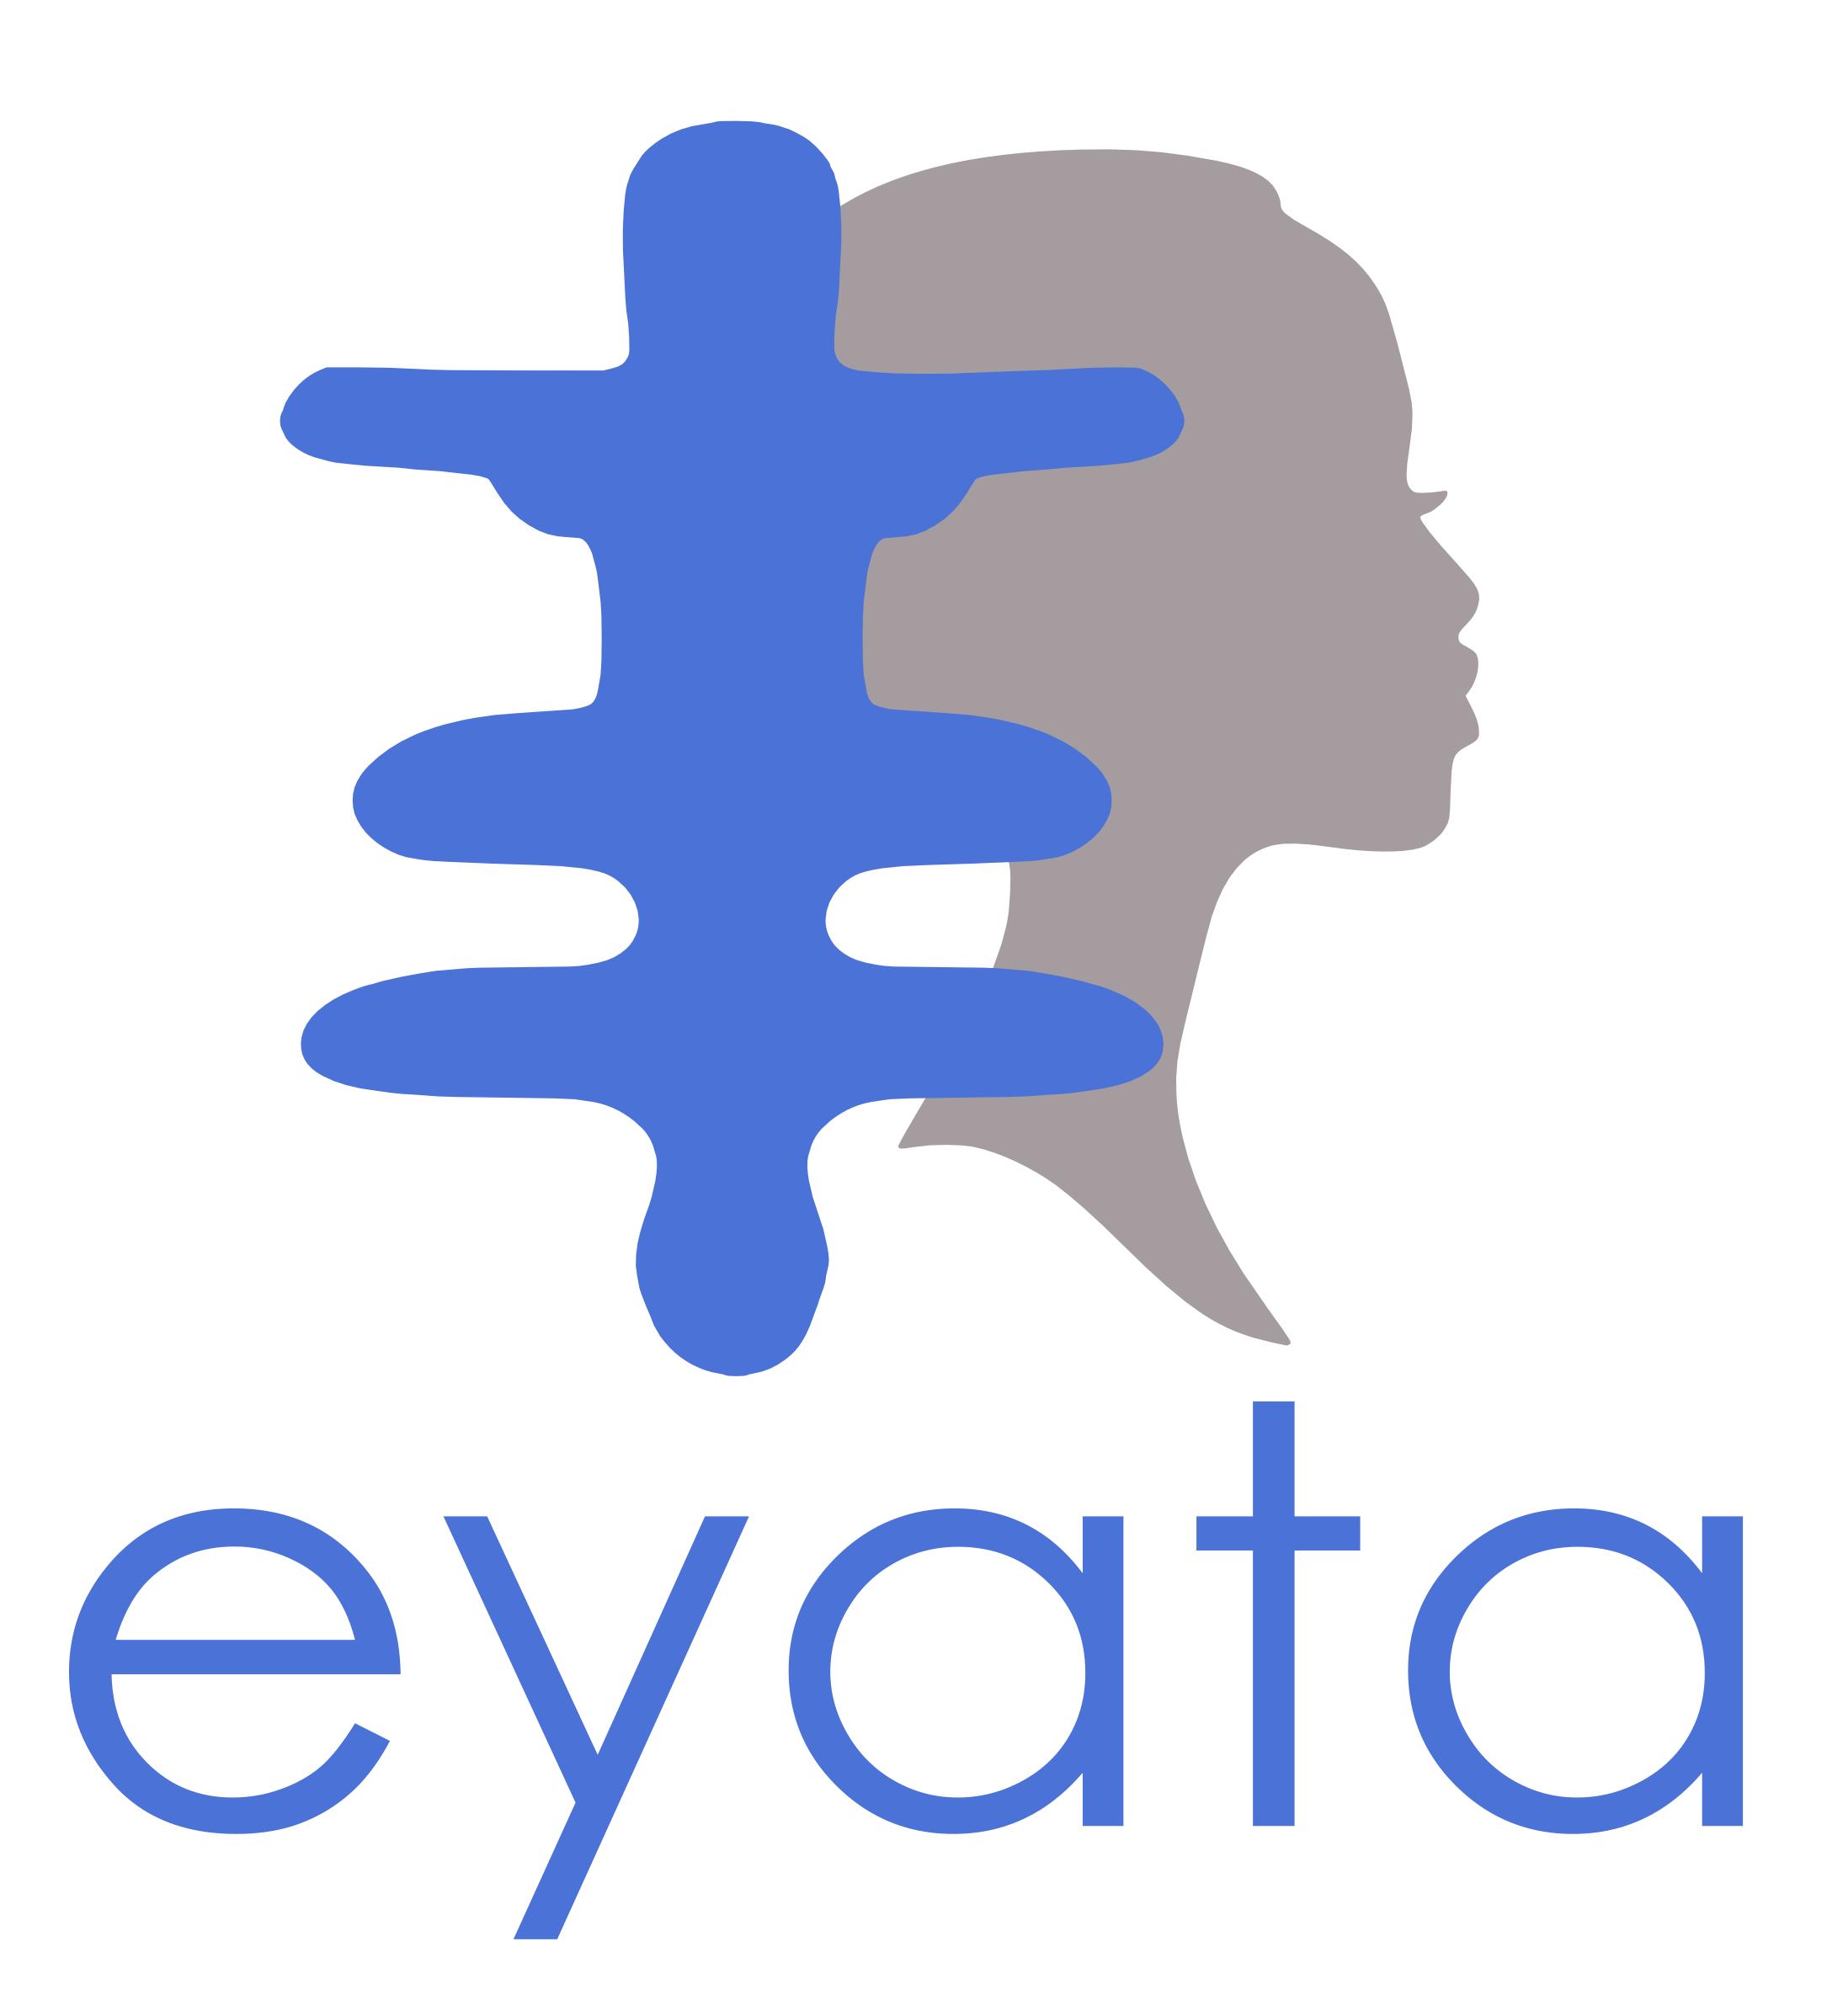 eyata